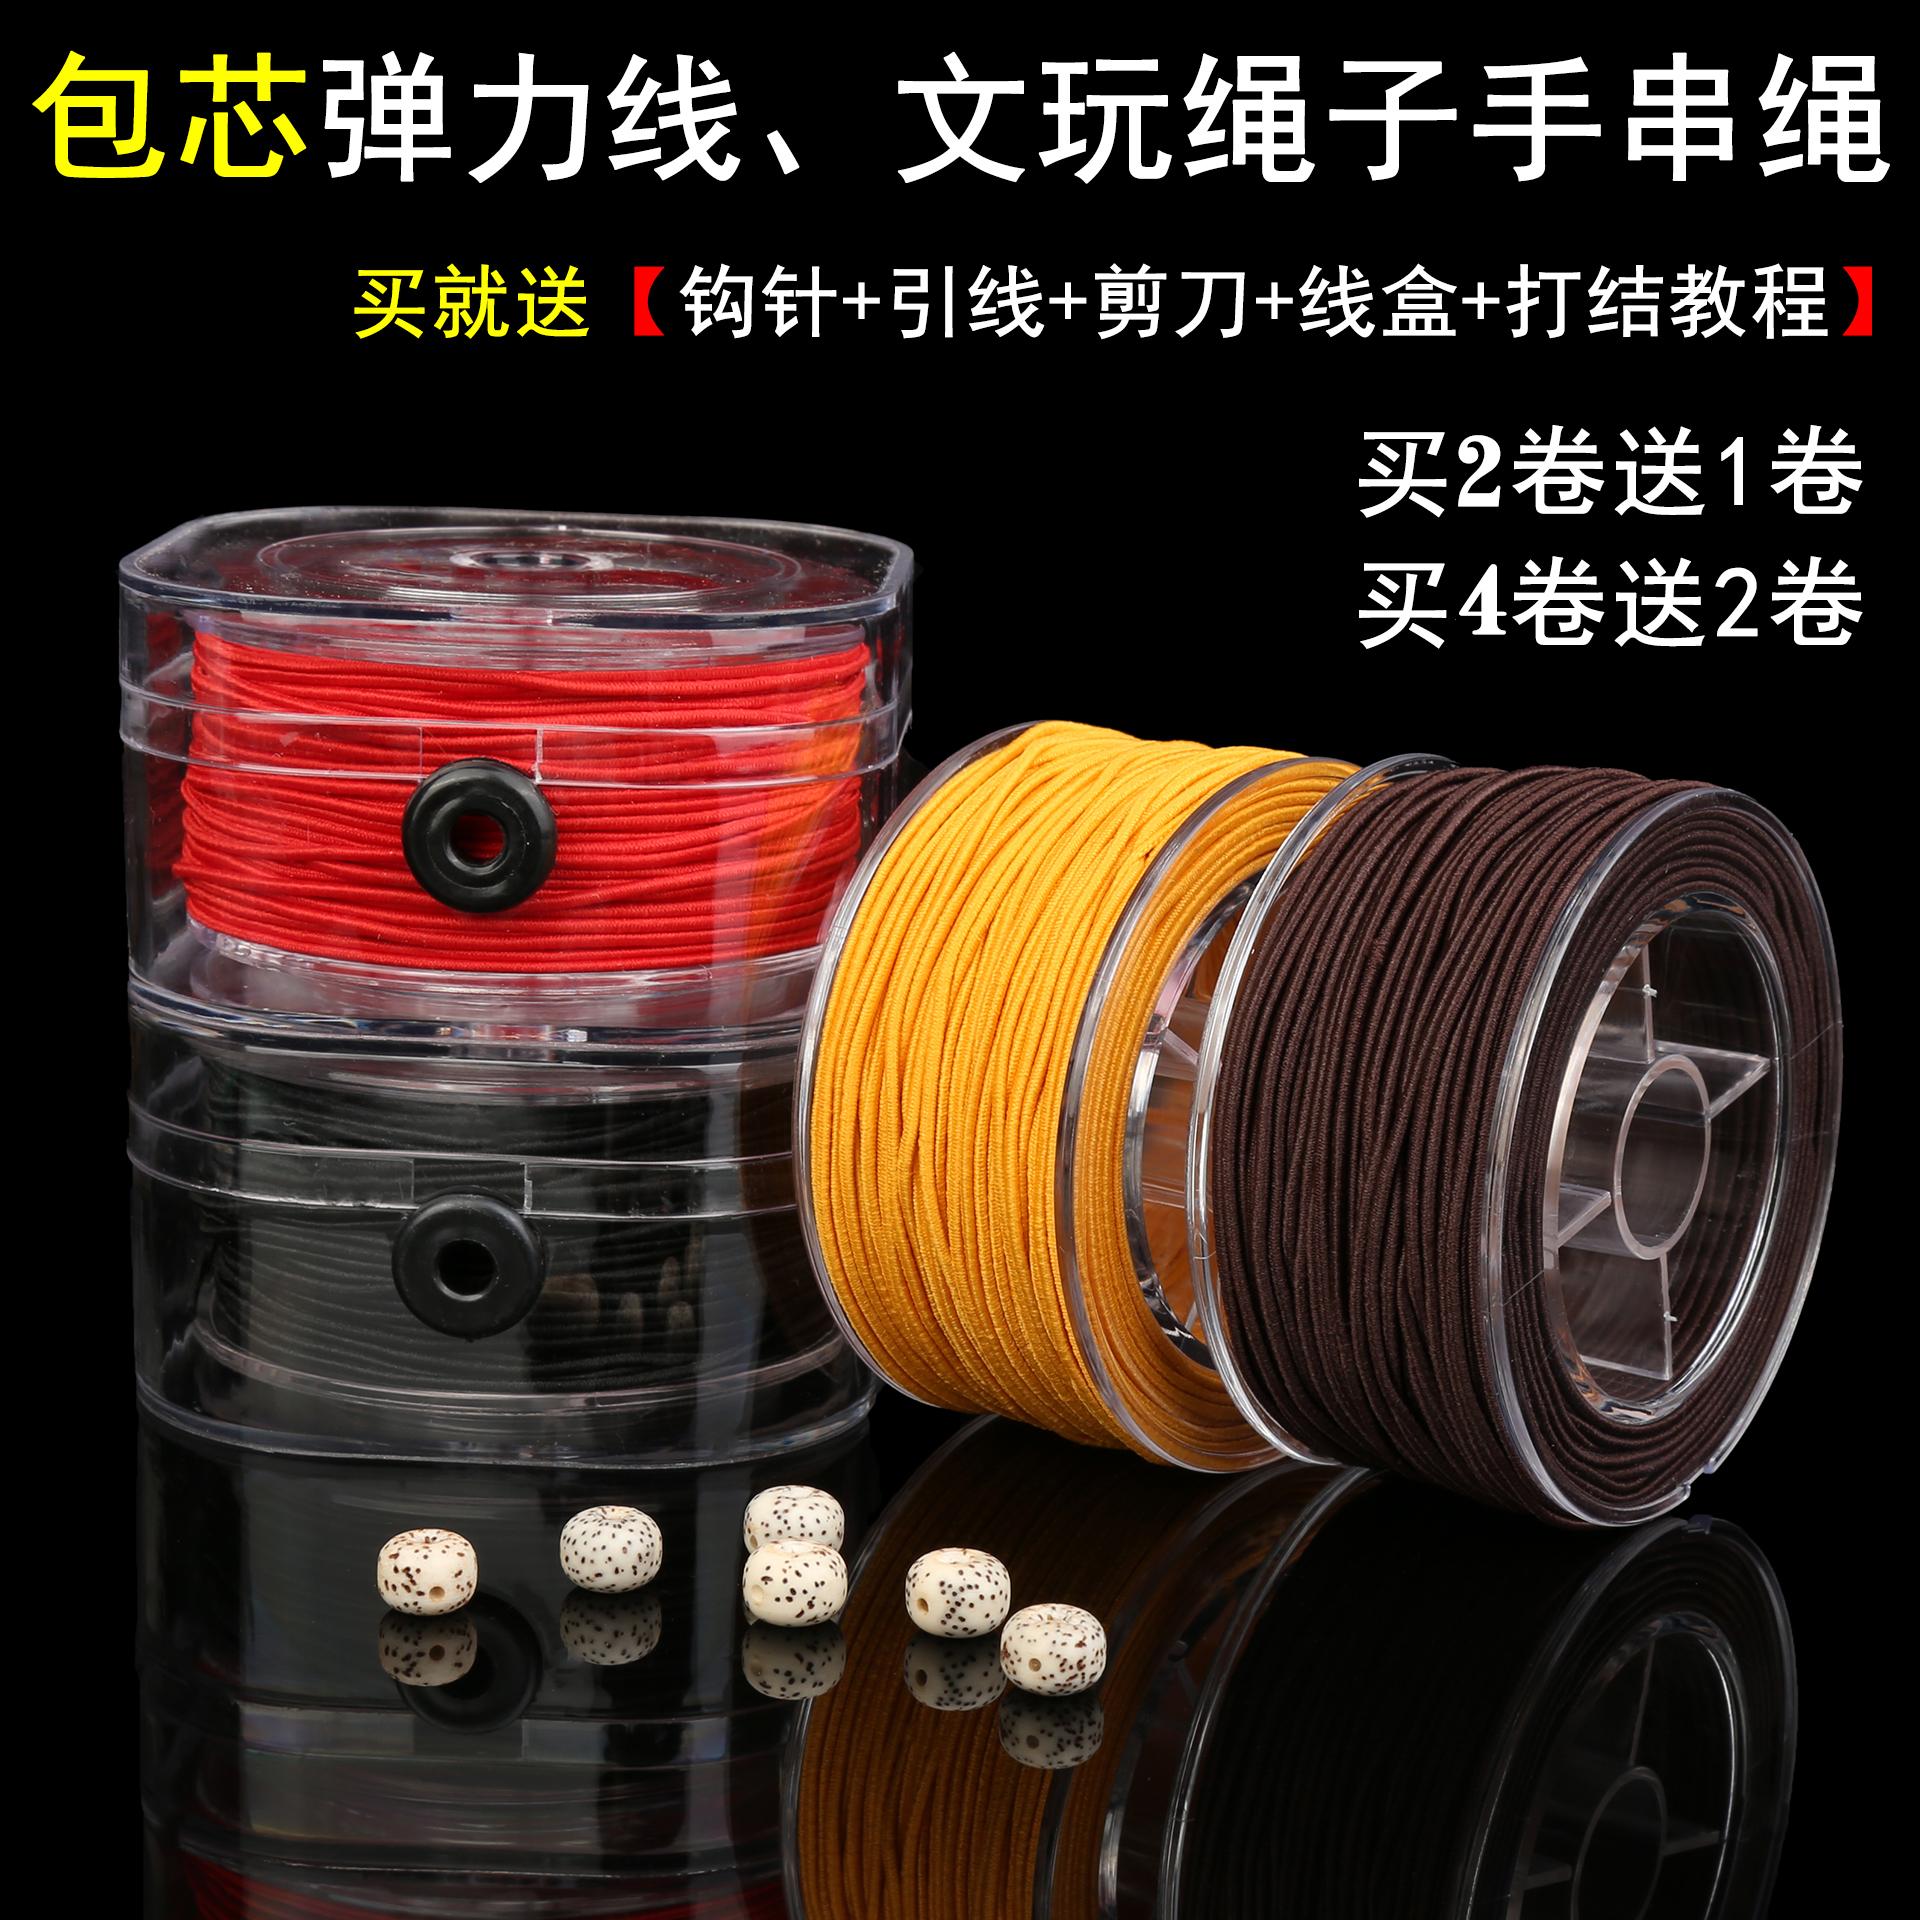 包邮进口文玩绳子佛珠线包芯弹力线皮筋线金刚手串绳手链线串珠绳